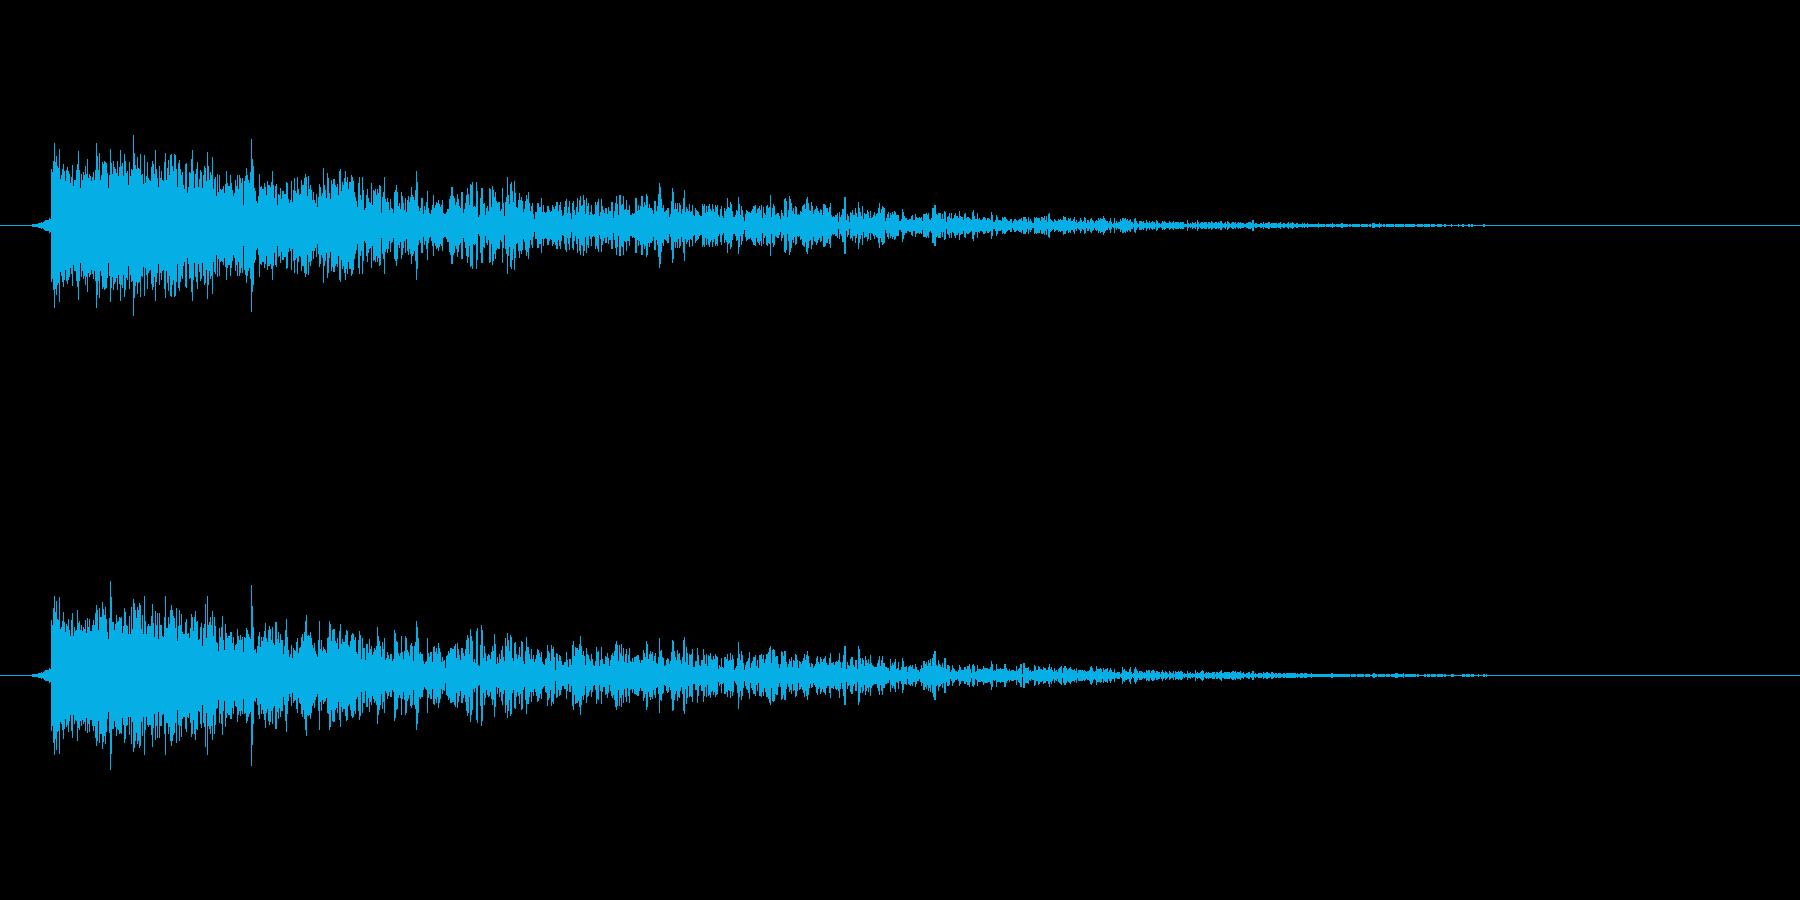 【衝撃07-2】の再生済みの波形